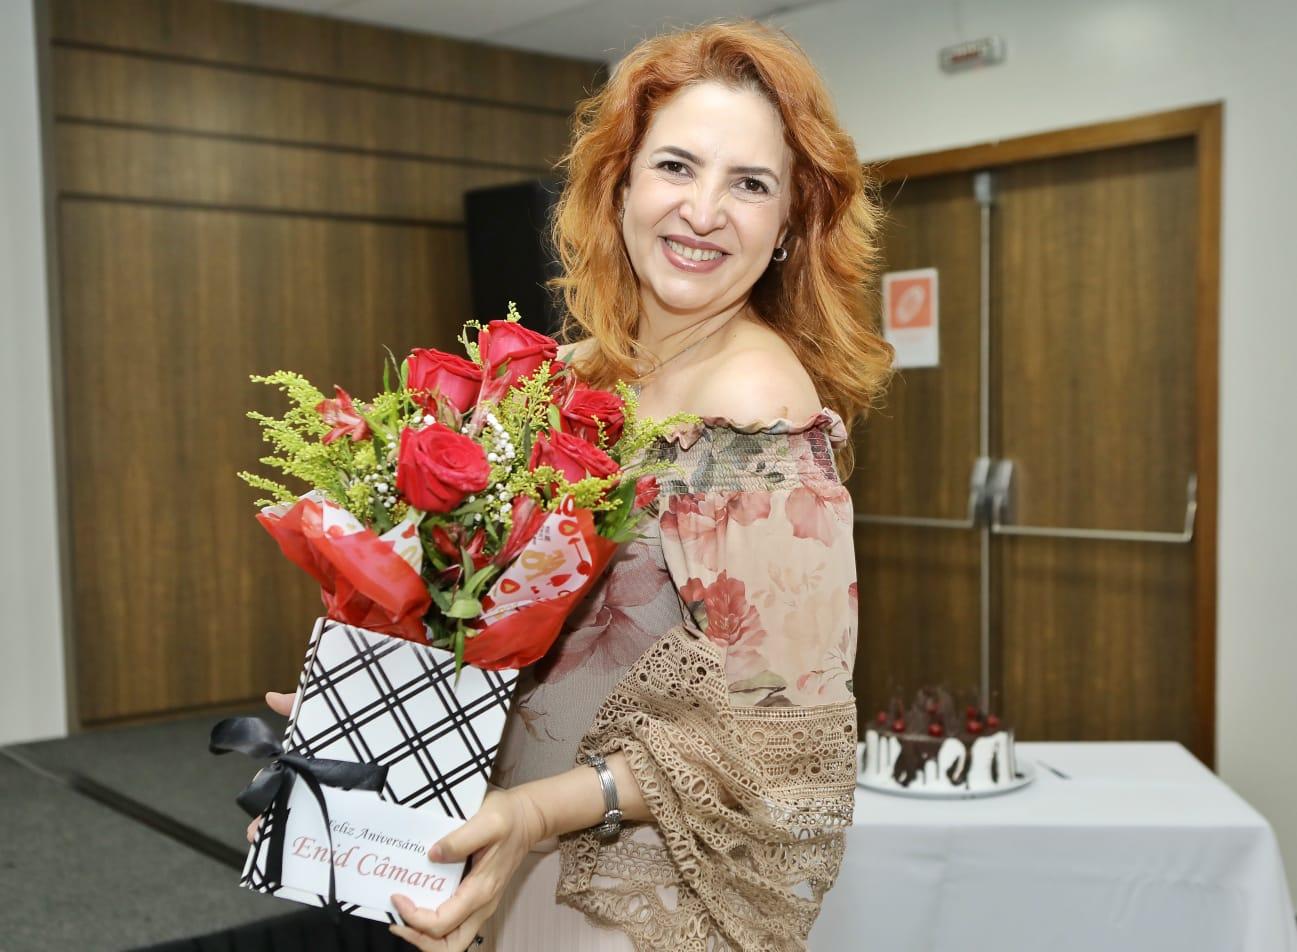 Aniversariante desta quinta-feira (29), Enid Câmara é surpreendida com sessão parabéns no Sonata de Iracema